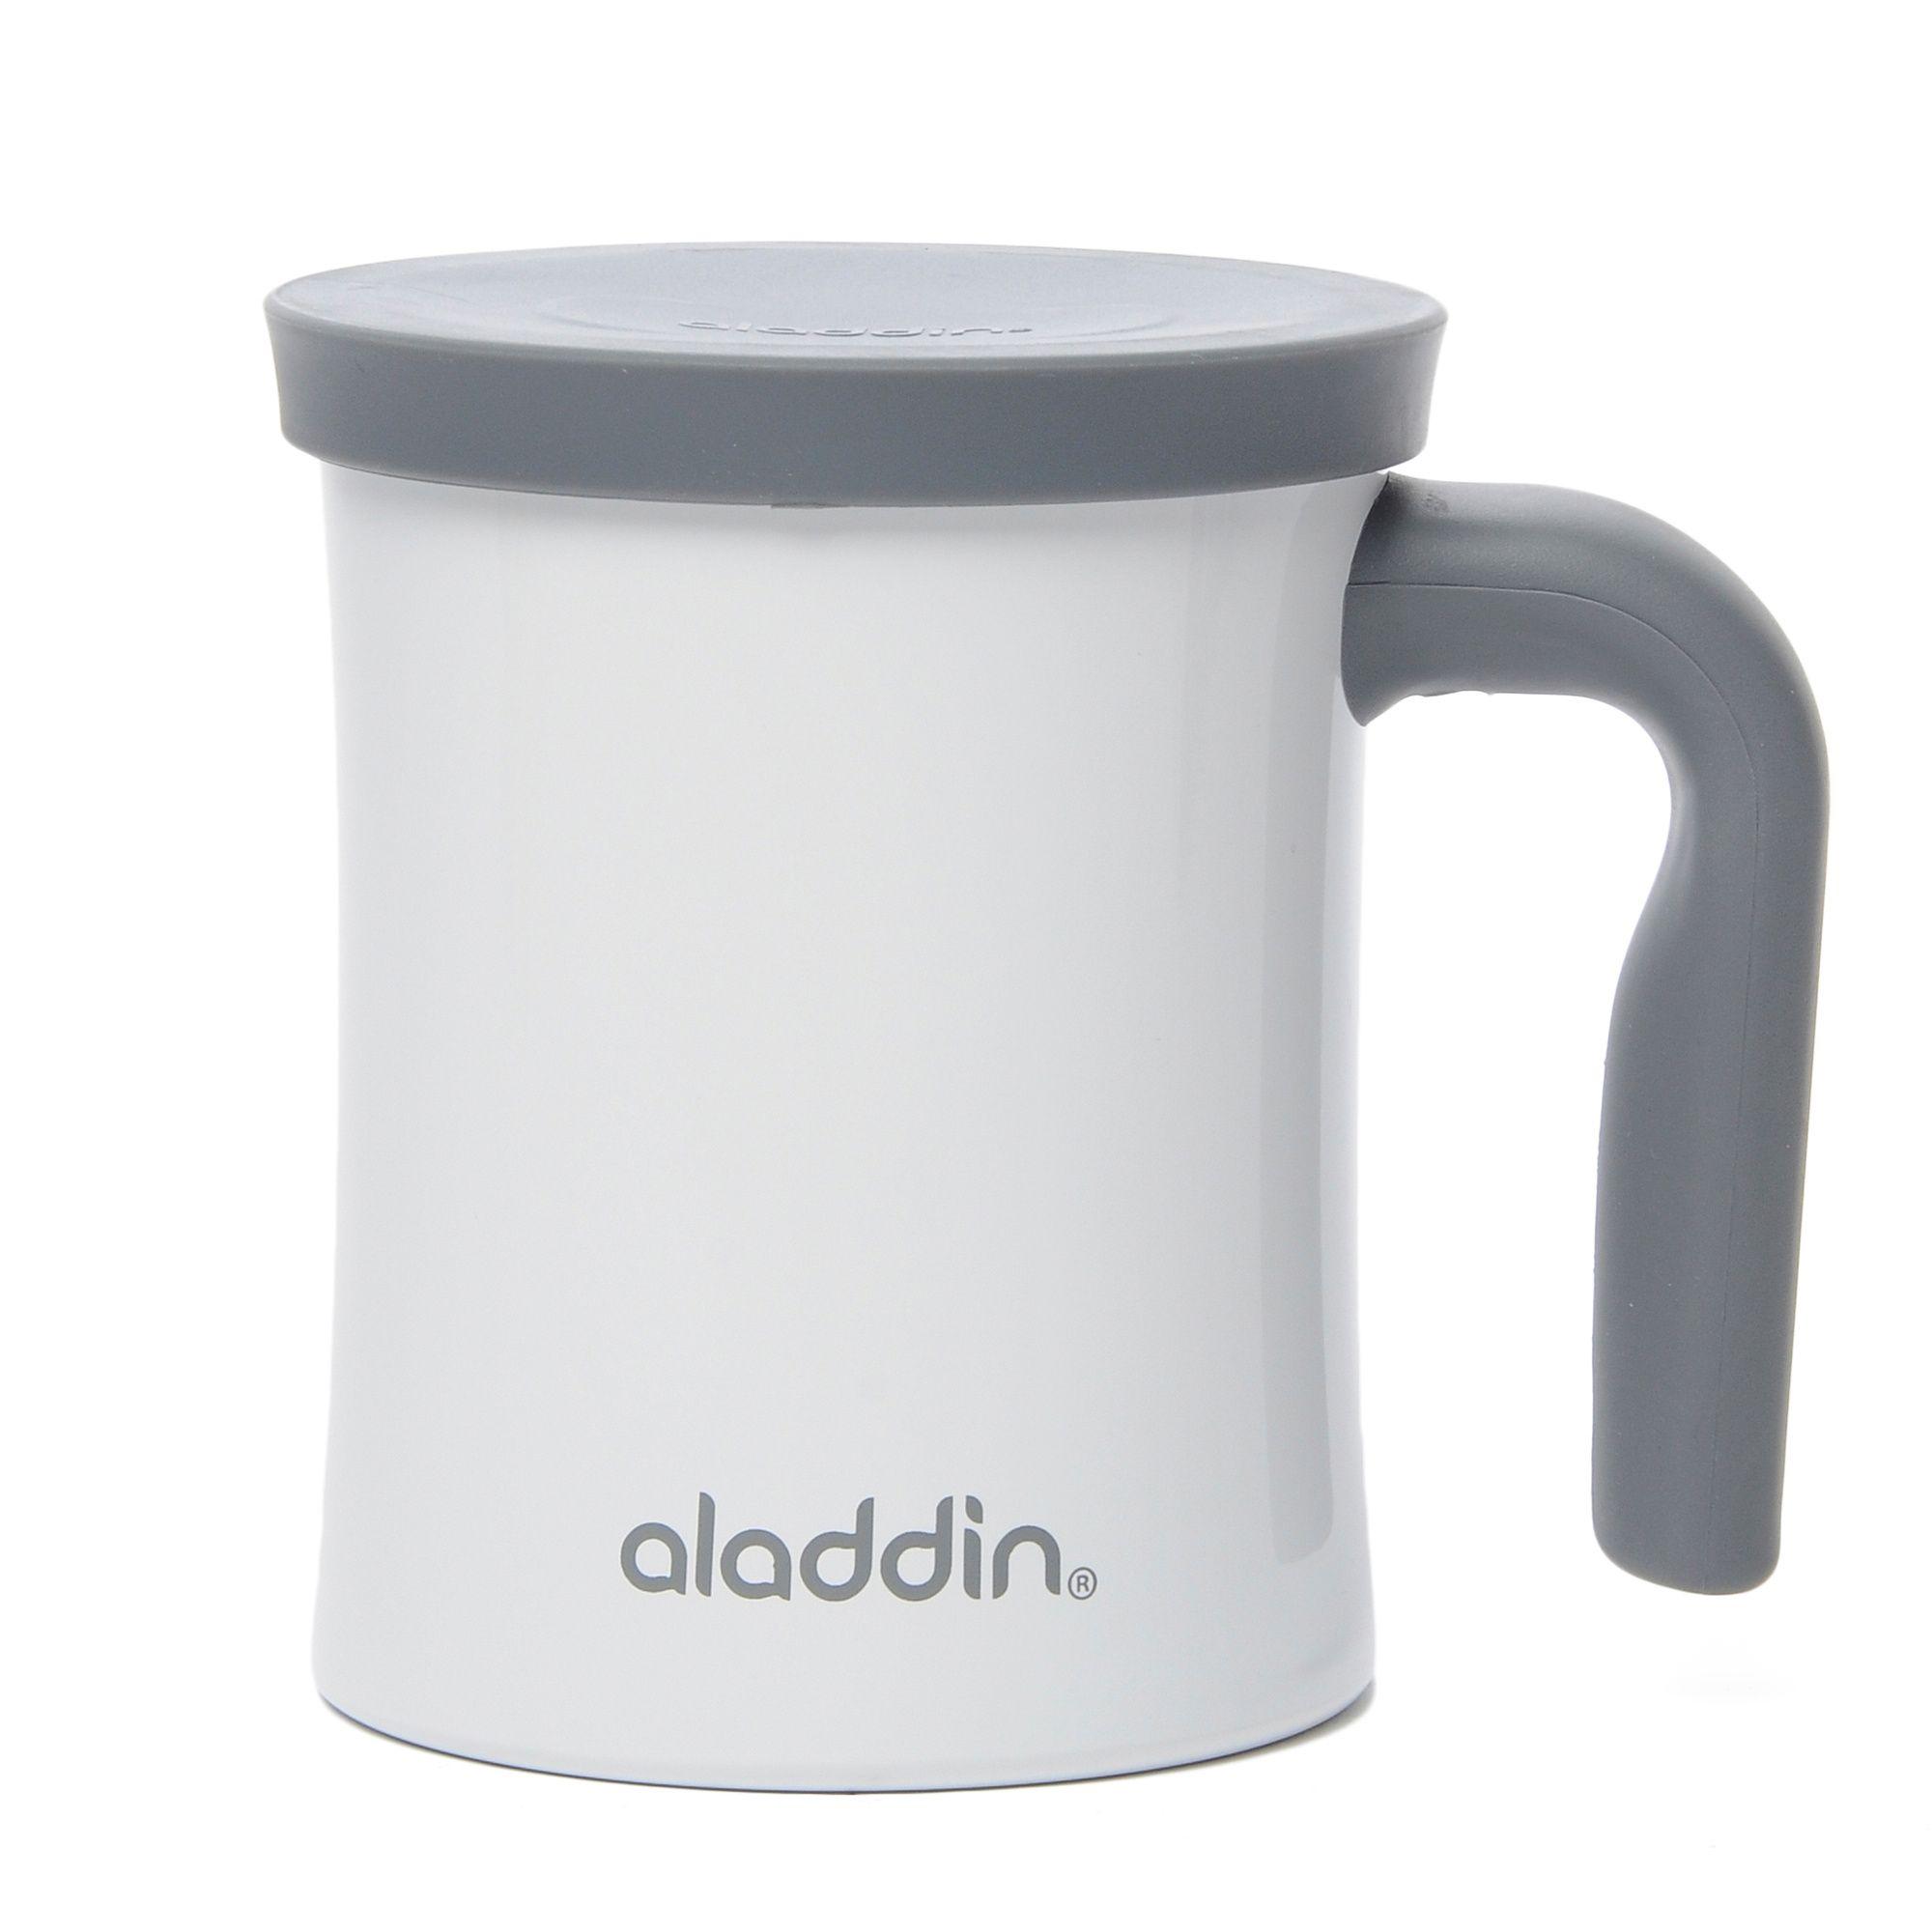 ALADDIN Aveo Desktop Mug 0.3